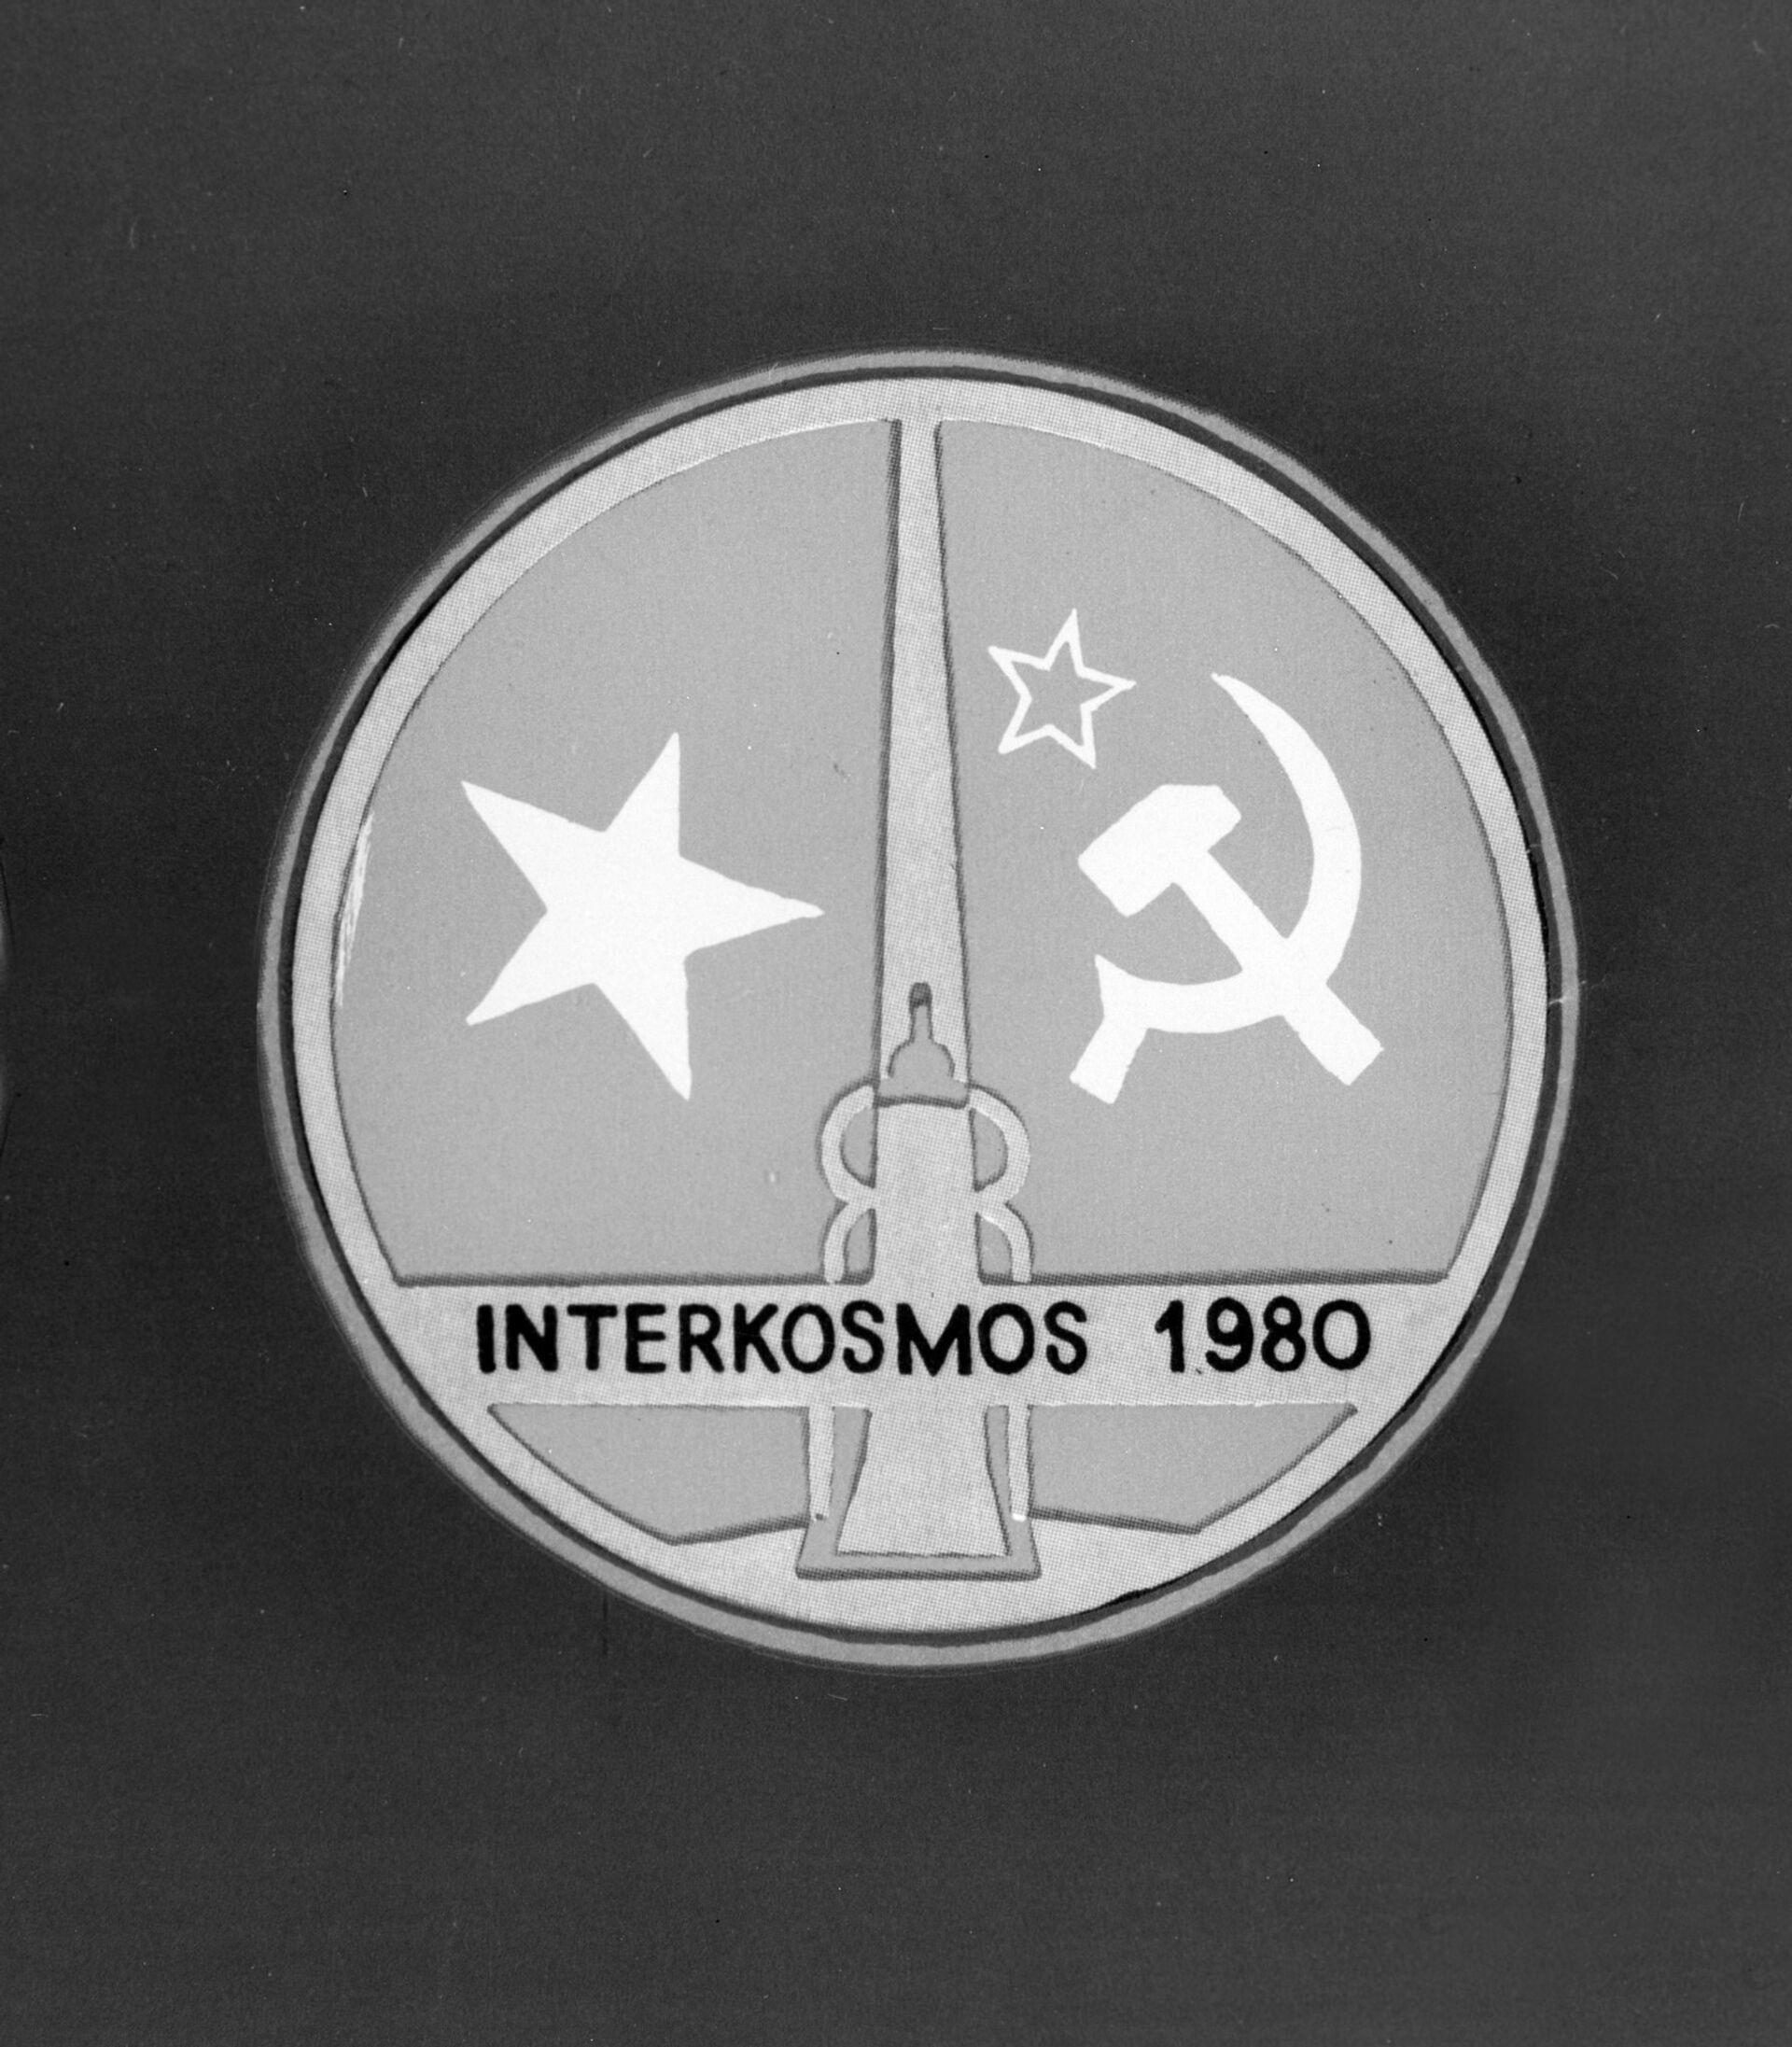 Anh hùng Việt Nam Phạm Tuân và chuyến du hành vũ trụ lịch sử - Sputnik Việt Nam, 1920, 13.04.2021